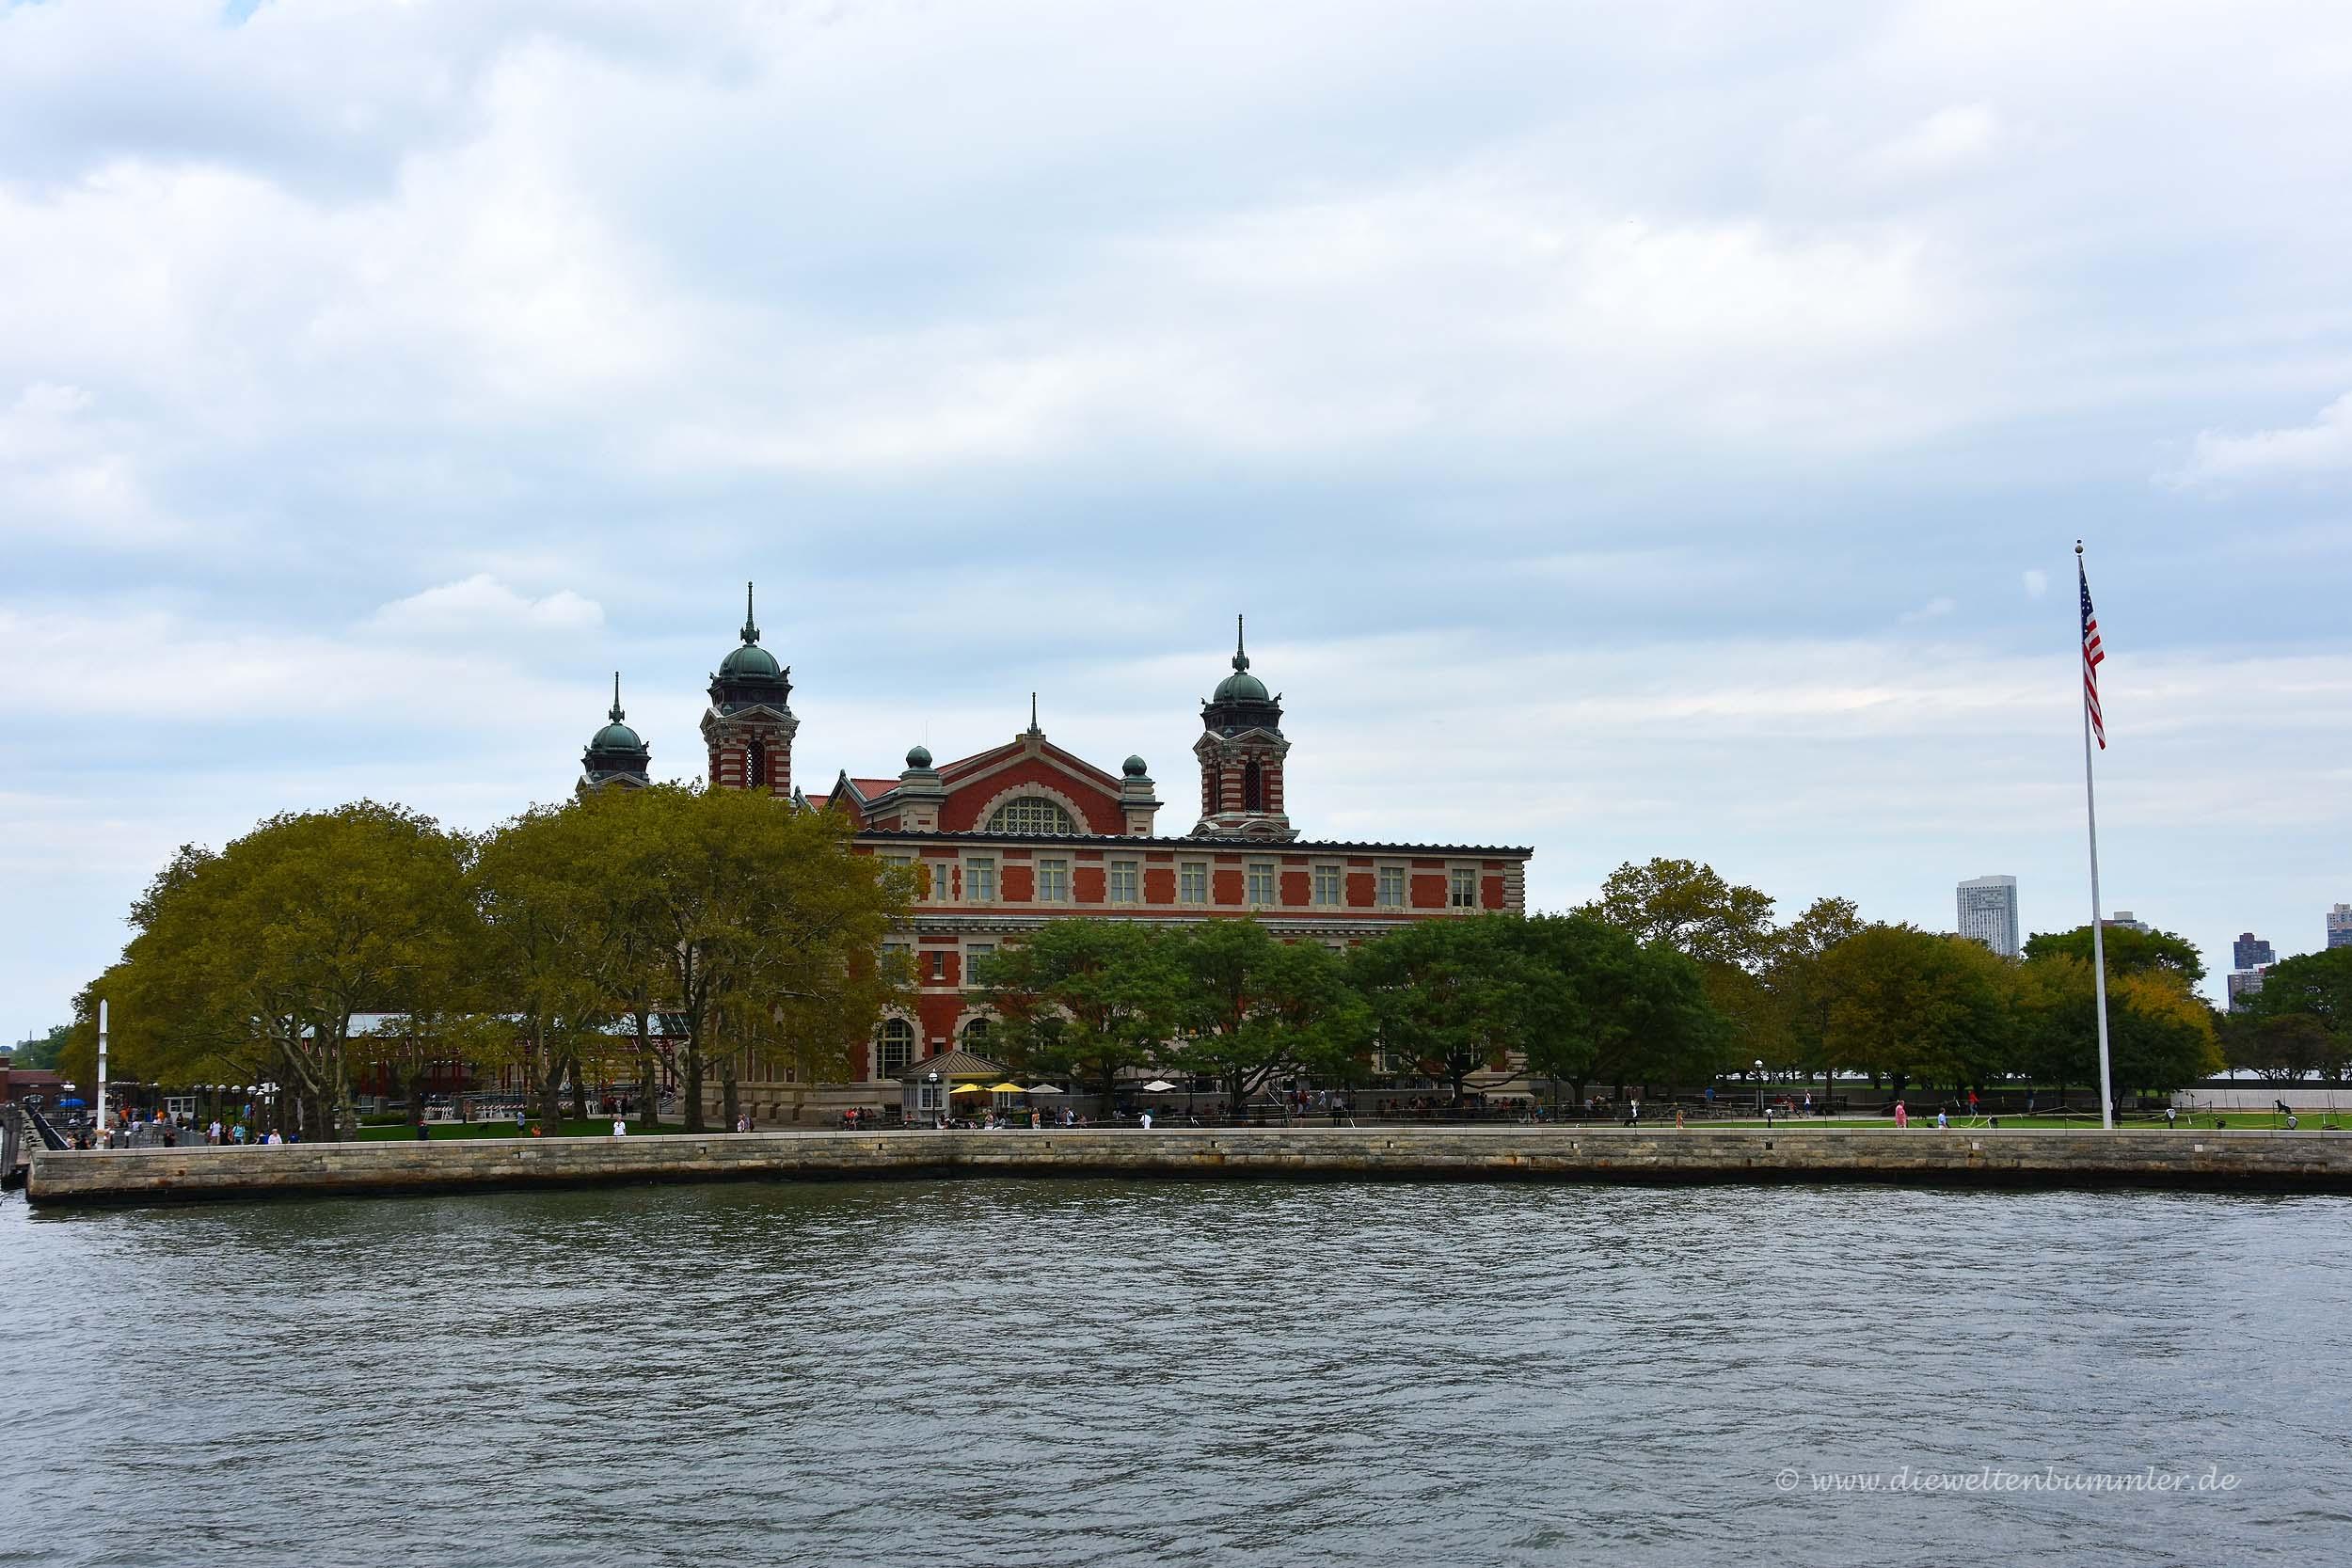 Ellis Island von der Fähre aus gesehen